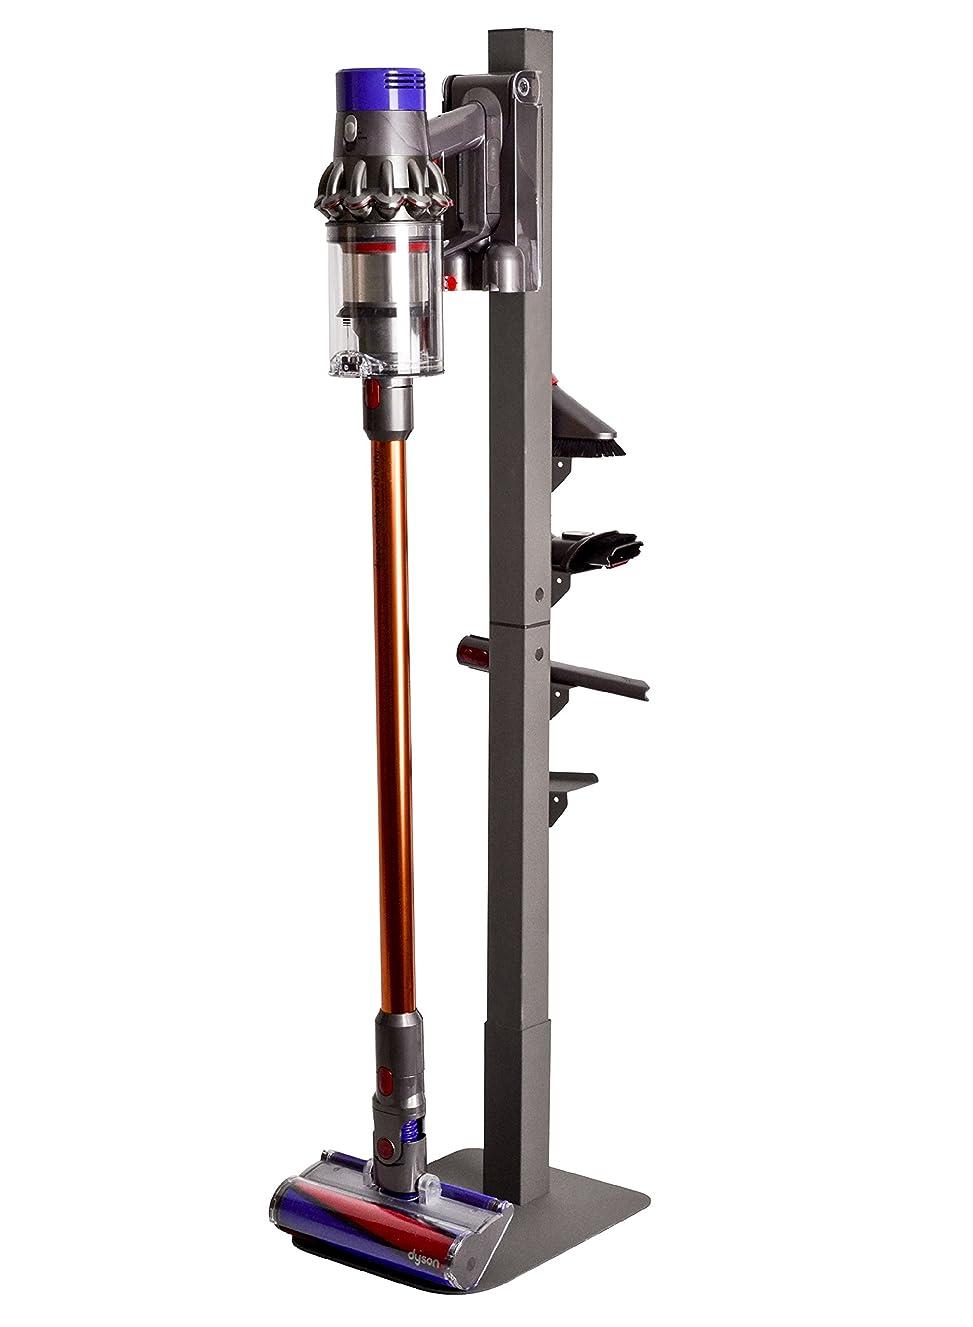 窓津波リムSable 収納スツール オットマン PUレザー 合皮 耐荷重300kg 収納ボックス ストレージチェア スペース活用